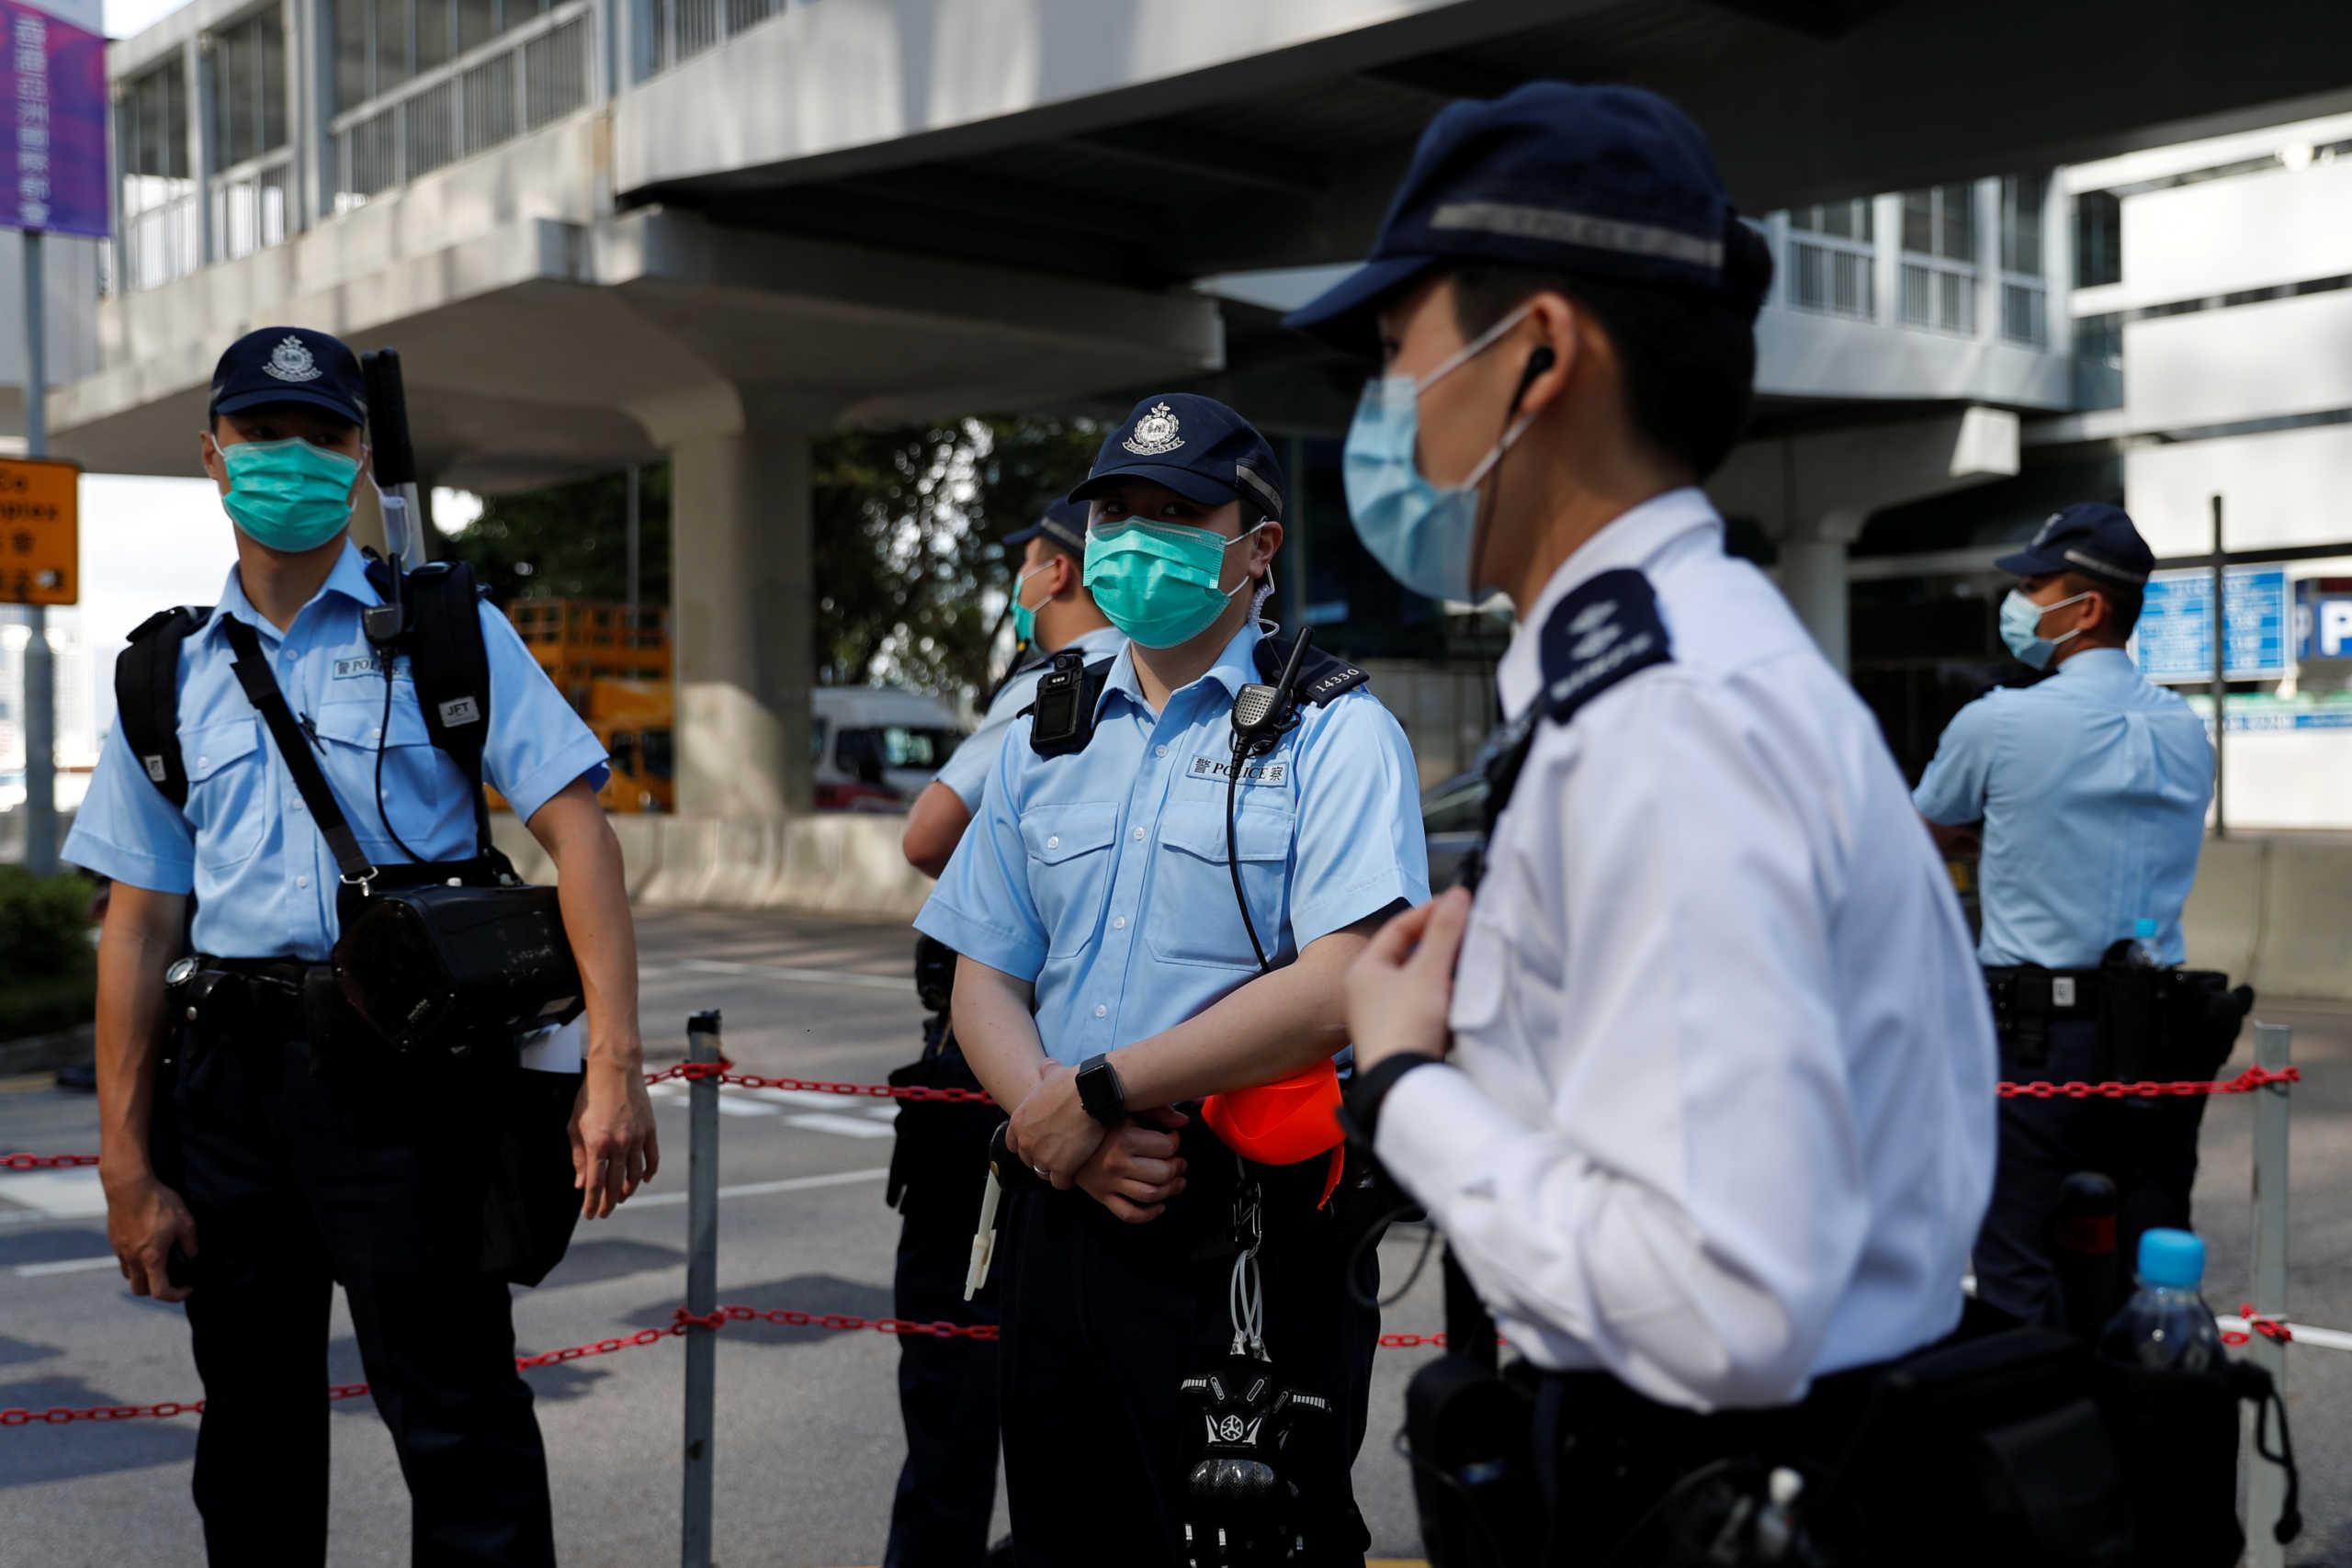 Κίνα: Τρόμος σε νηπιαγωγείο – Άνδρας τραυμάτισε με μαχαίρι 16 παιδιά